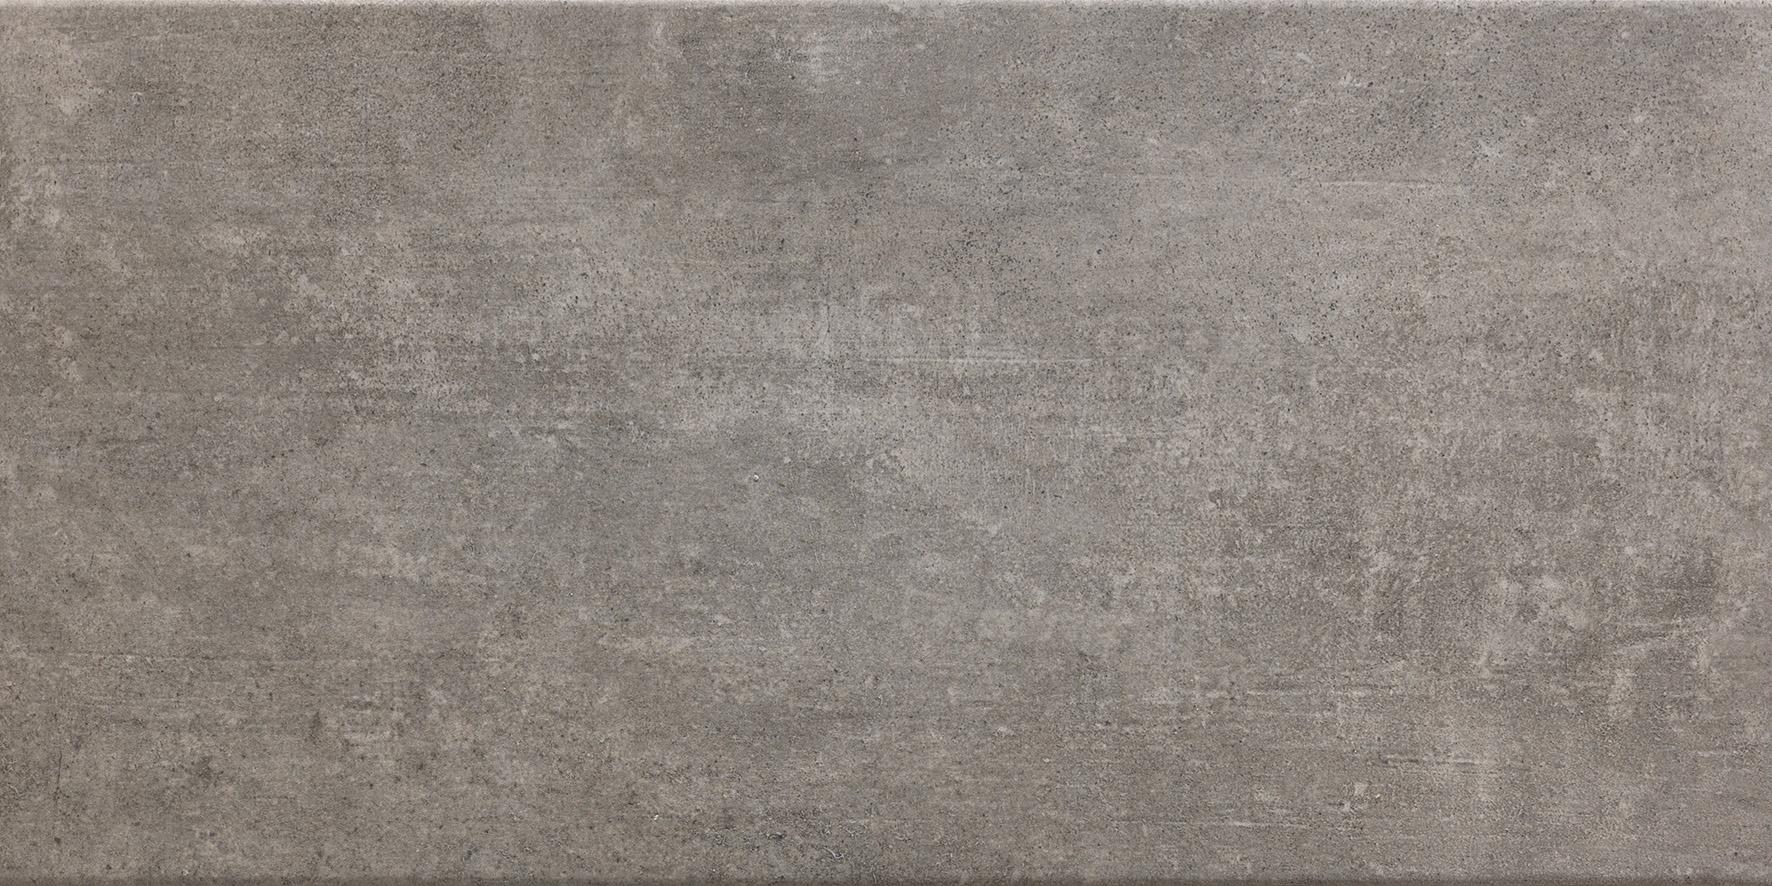 Fliesen Kemmler Wand Und Bodenfliese Envie In Der Farbe Grau Und - Fliesen grau 30x60